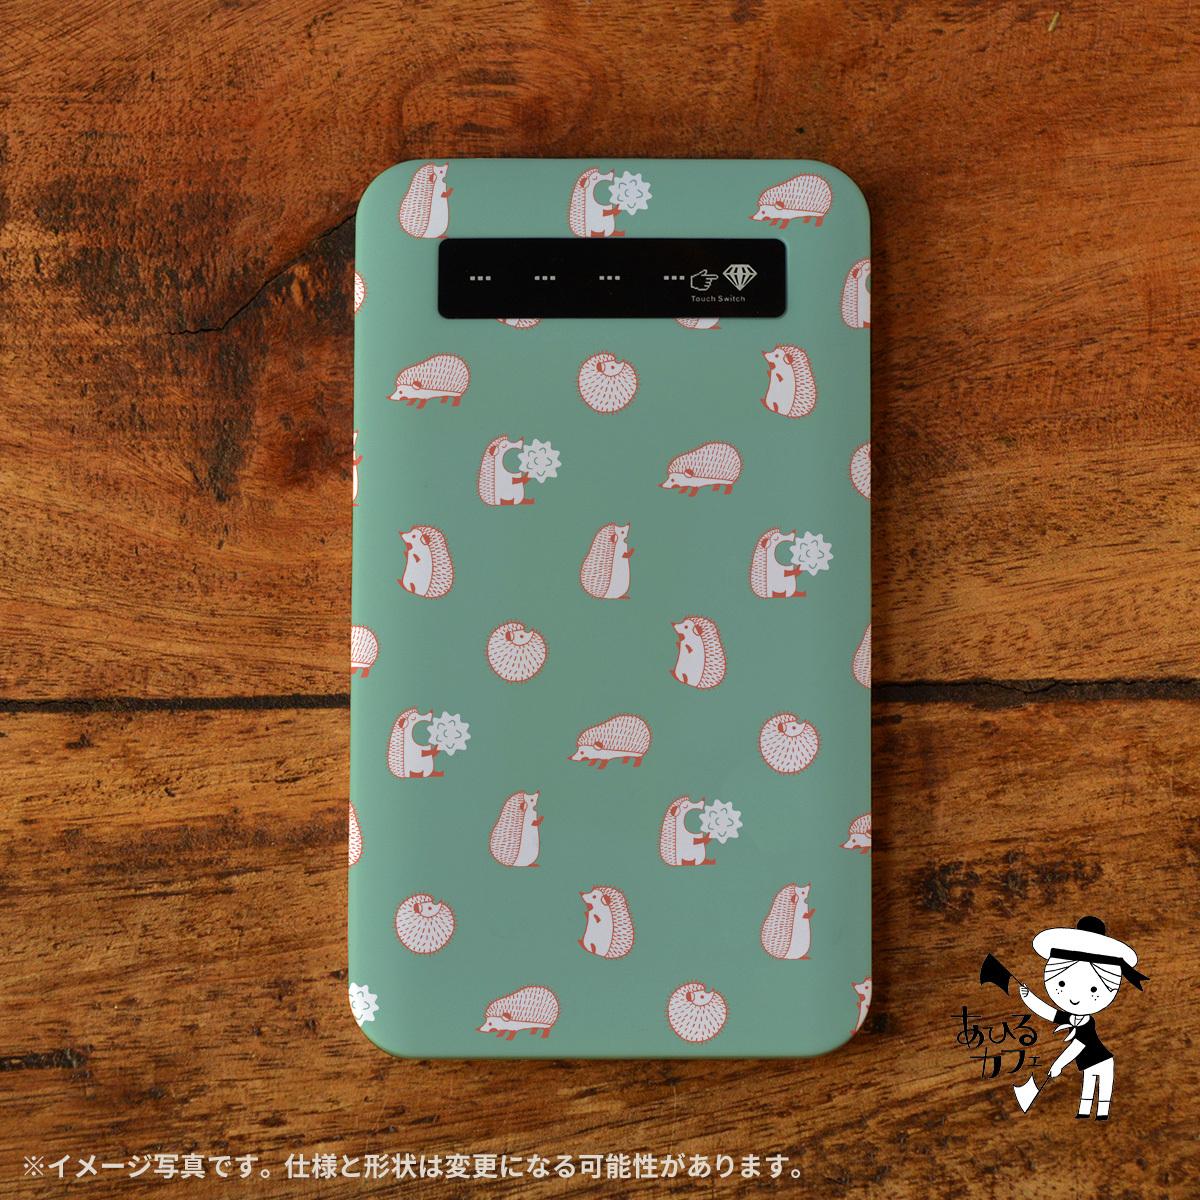 iphone モバイルバッテリー かわいい スマホ 充電器 持ち運び モバイルバッテリー 可愛い iphone 携帯充電器 アンドロイド かわいい はりねずみ ハリネズミ/あひるカフェ